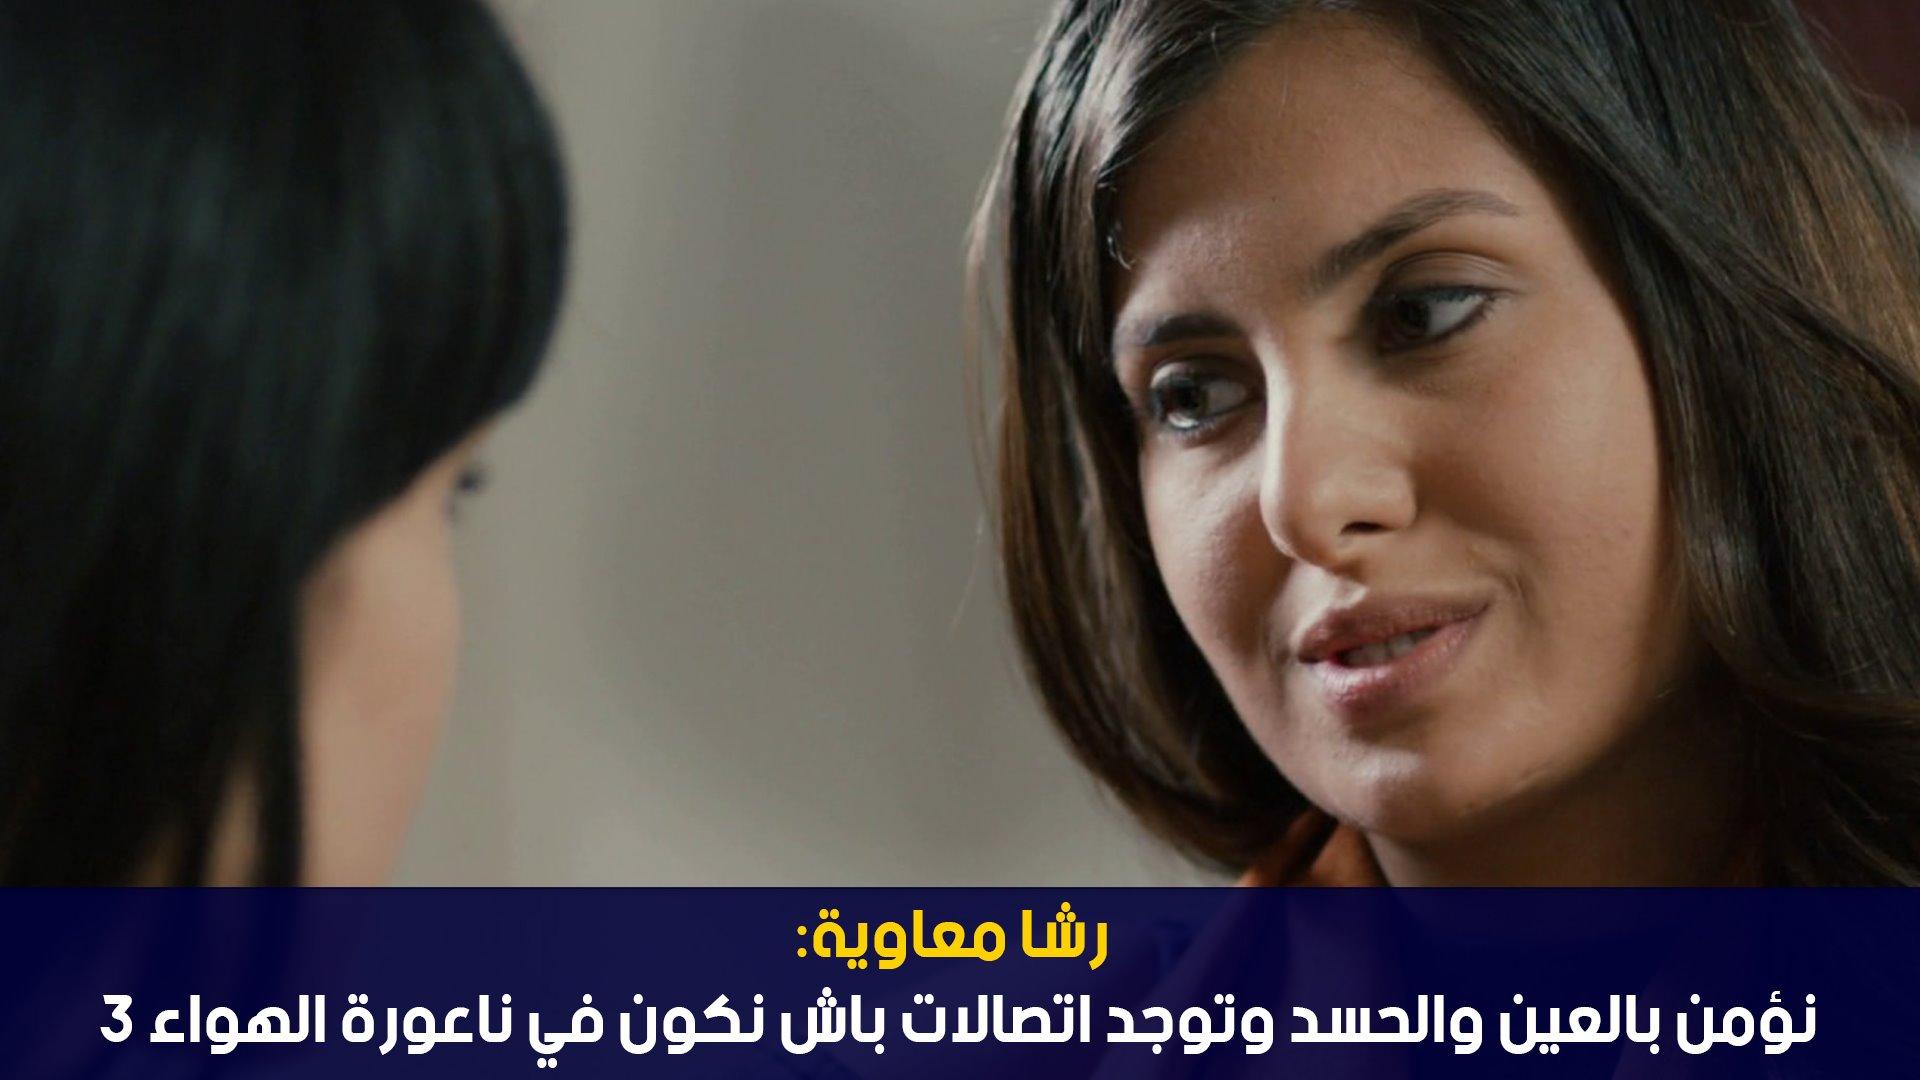 رشا بن معاوية:نؤمن بالعين والحسد وتوجد اتصالات باش نكون في ناعورة الهواء 3